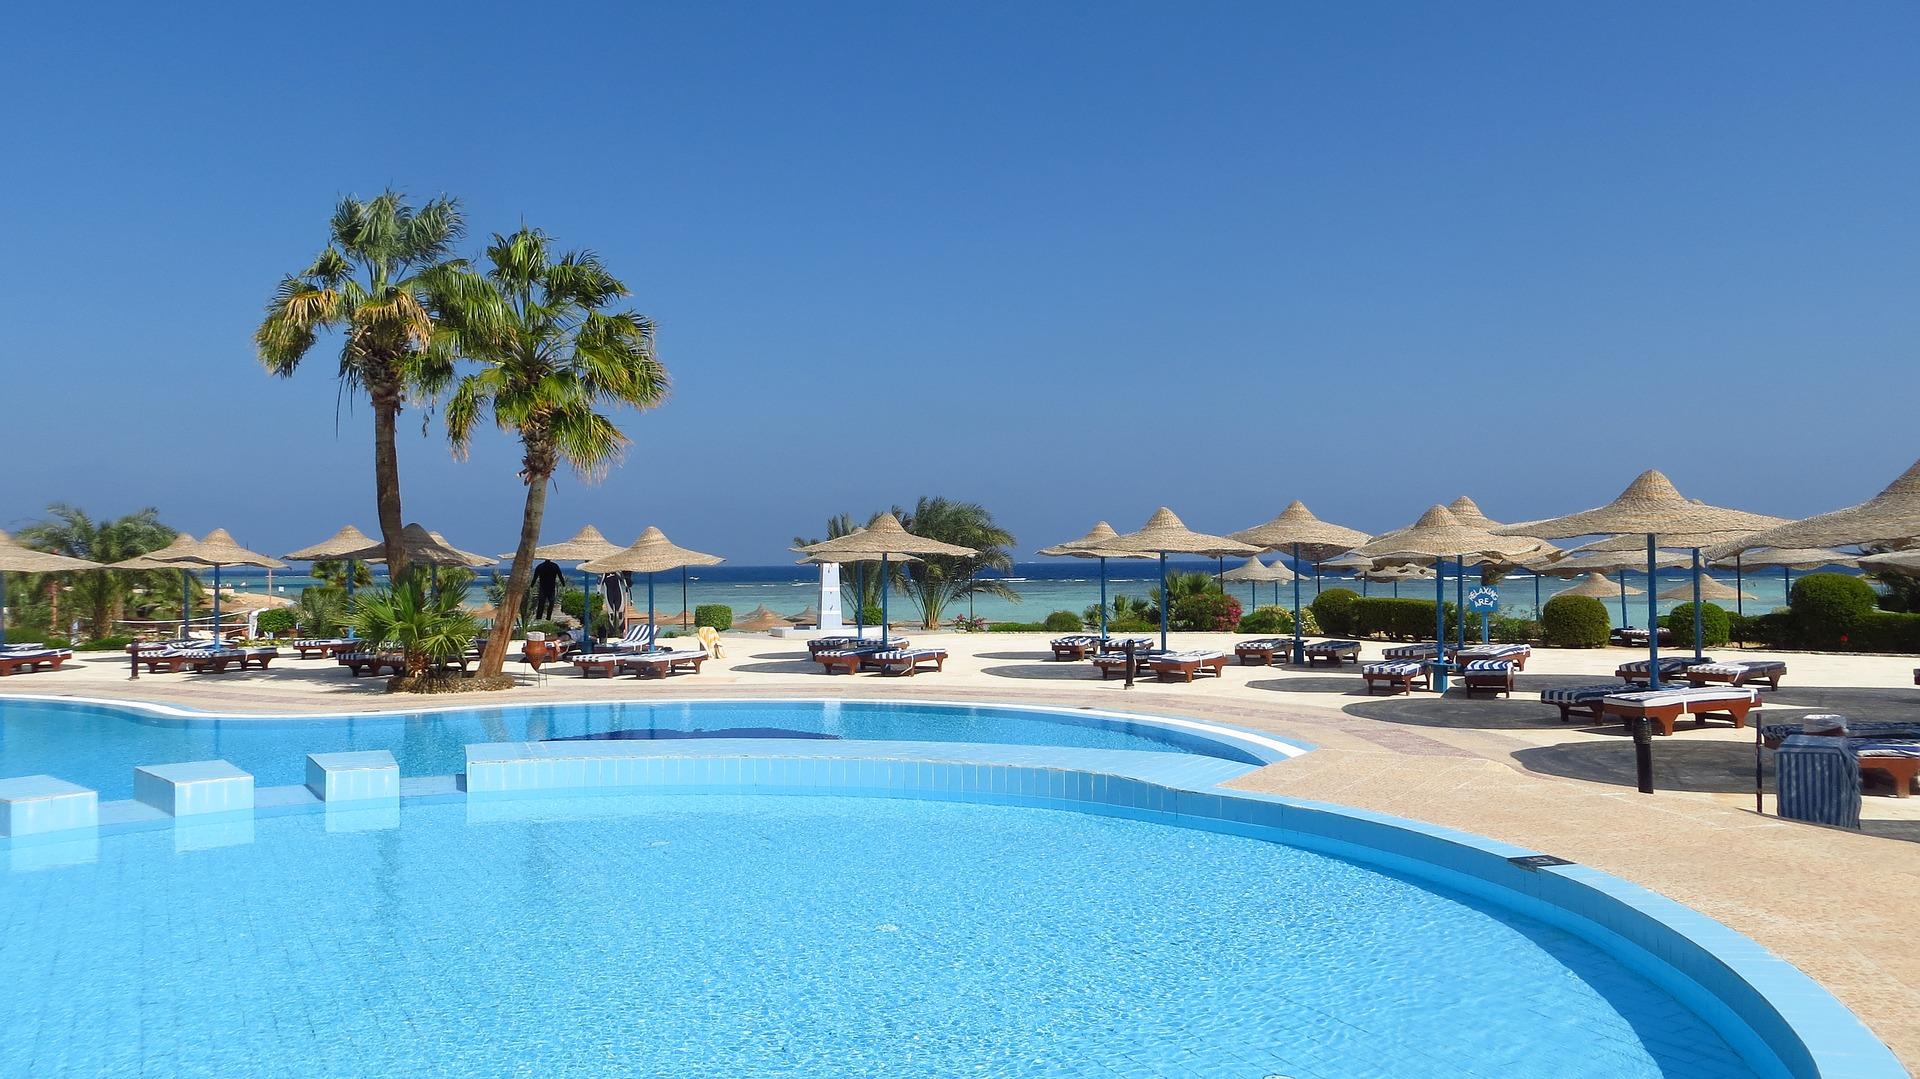 pool-deck-pros-of-deerfield-beach